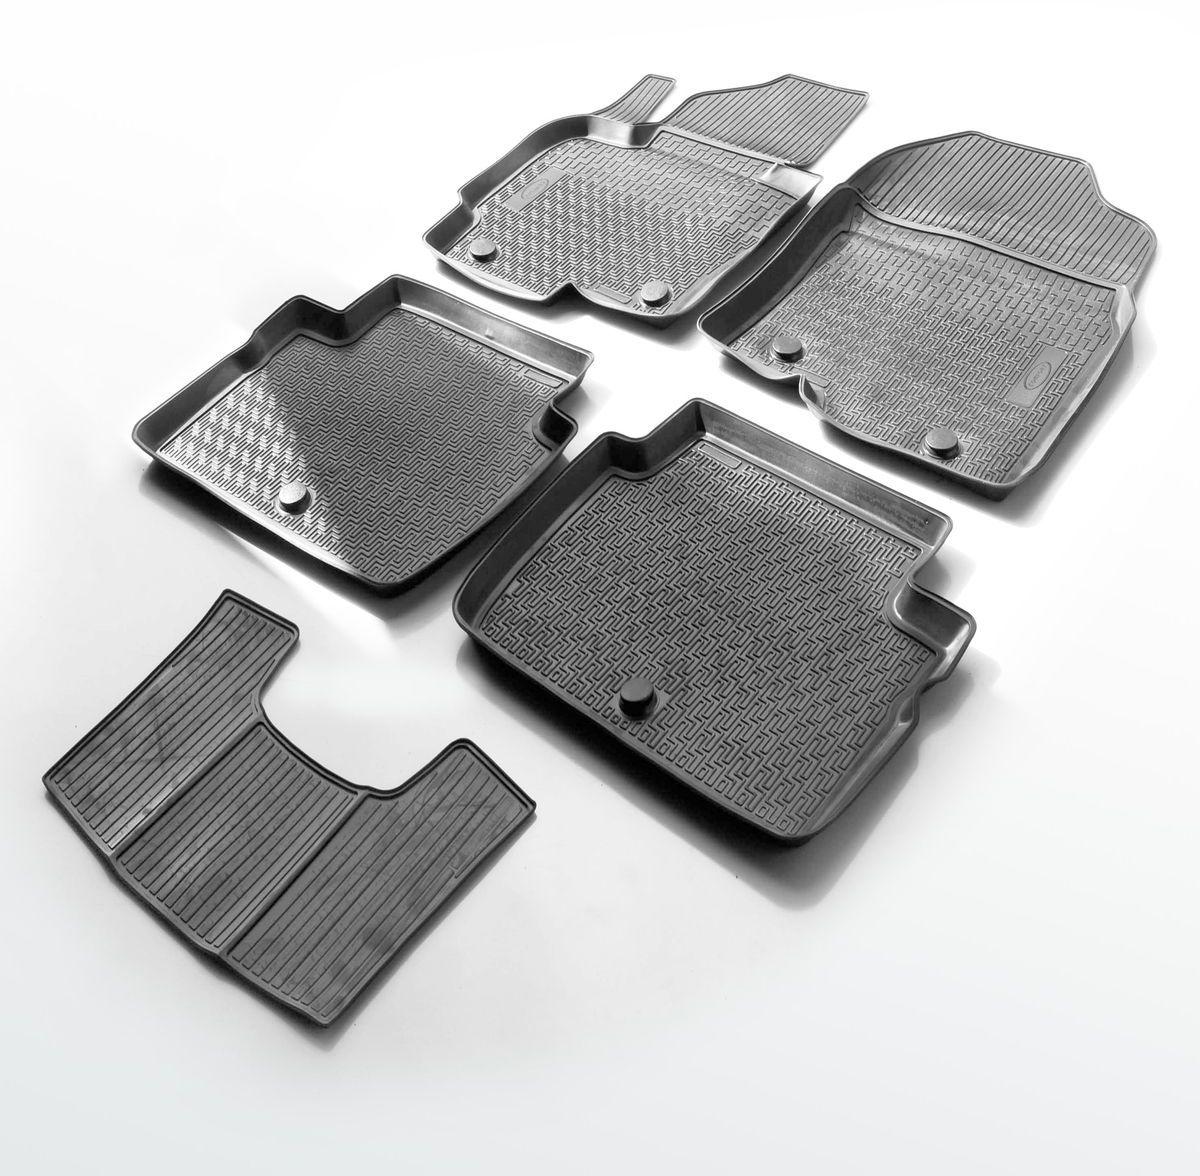 Ковры салона Rival для Subaru Outback 2015-, 4 шт + перемычка0015403001Автомобильные ковры салона Rival Прочные и долговечные ковры в салон автомобиля, изготовлены из высококачественного и экологичного сырья, полностью повторяют геометрию салона вашего автомобиля. - Надежная система крепления, позволяющая закрепить коврик на штатные элементы фиксации, в результате чего отсутствует эффект скольжения по салону автомобиля. - Высокая стойкость поверхности к стиранию. - Специализированный рисунок и высокий борт, препятствующие распространению грязи и жидкости по поверхности ковра. - Перемычка задних ковров в комплекте предотвращает загрязнение тоннеля карданного вала. - Произведены из первичных материалов, в результате чего отсутствует неприятный запах в салоне автомобиля. - Высокая эластичность, можно беспрепятственно эксплуатировать при температуре от -45 ?C до +45 ?C.